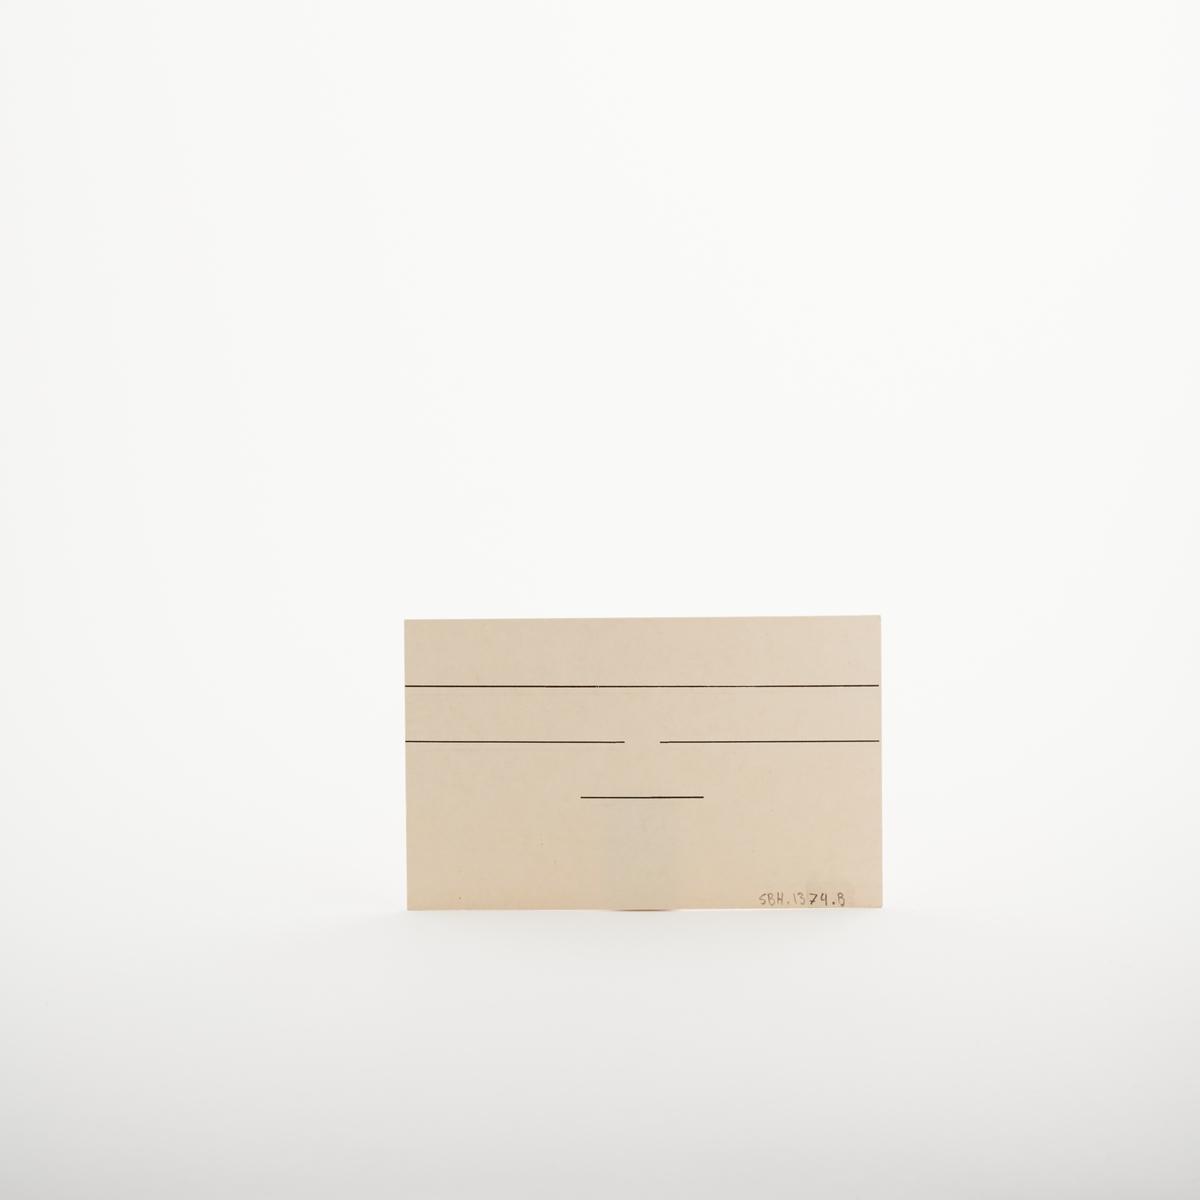 """Kartotekkort med svarte linjer på forside og bakside. Nede i venstre hjørne er teksten """" Nr. 721. På lager hos Sem & Stenersen A/S, Oslo, 4-49"""". Nedre i høyre hjørne står det """"Alfabetregisterkort"""".  NAV-samlingen er en gruppe av gjenstander som har vært anvendt på sosialkontoret (Aetat - NAV) i Skedsmo kommune."""